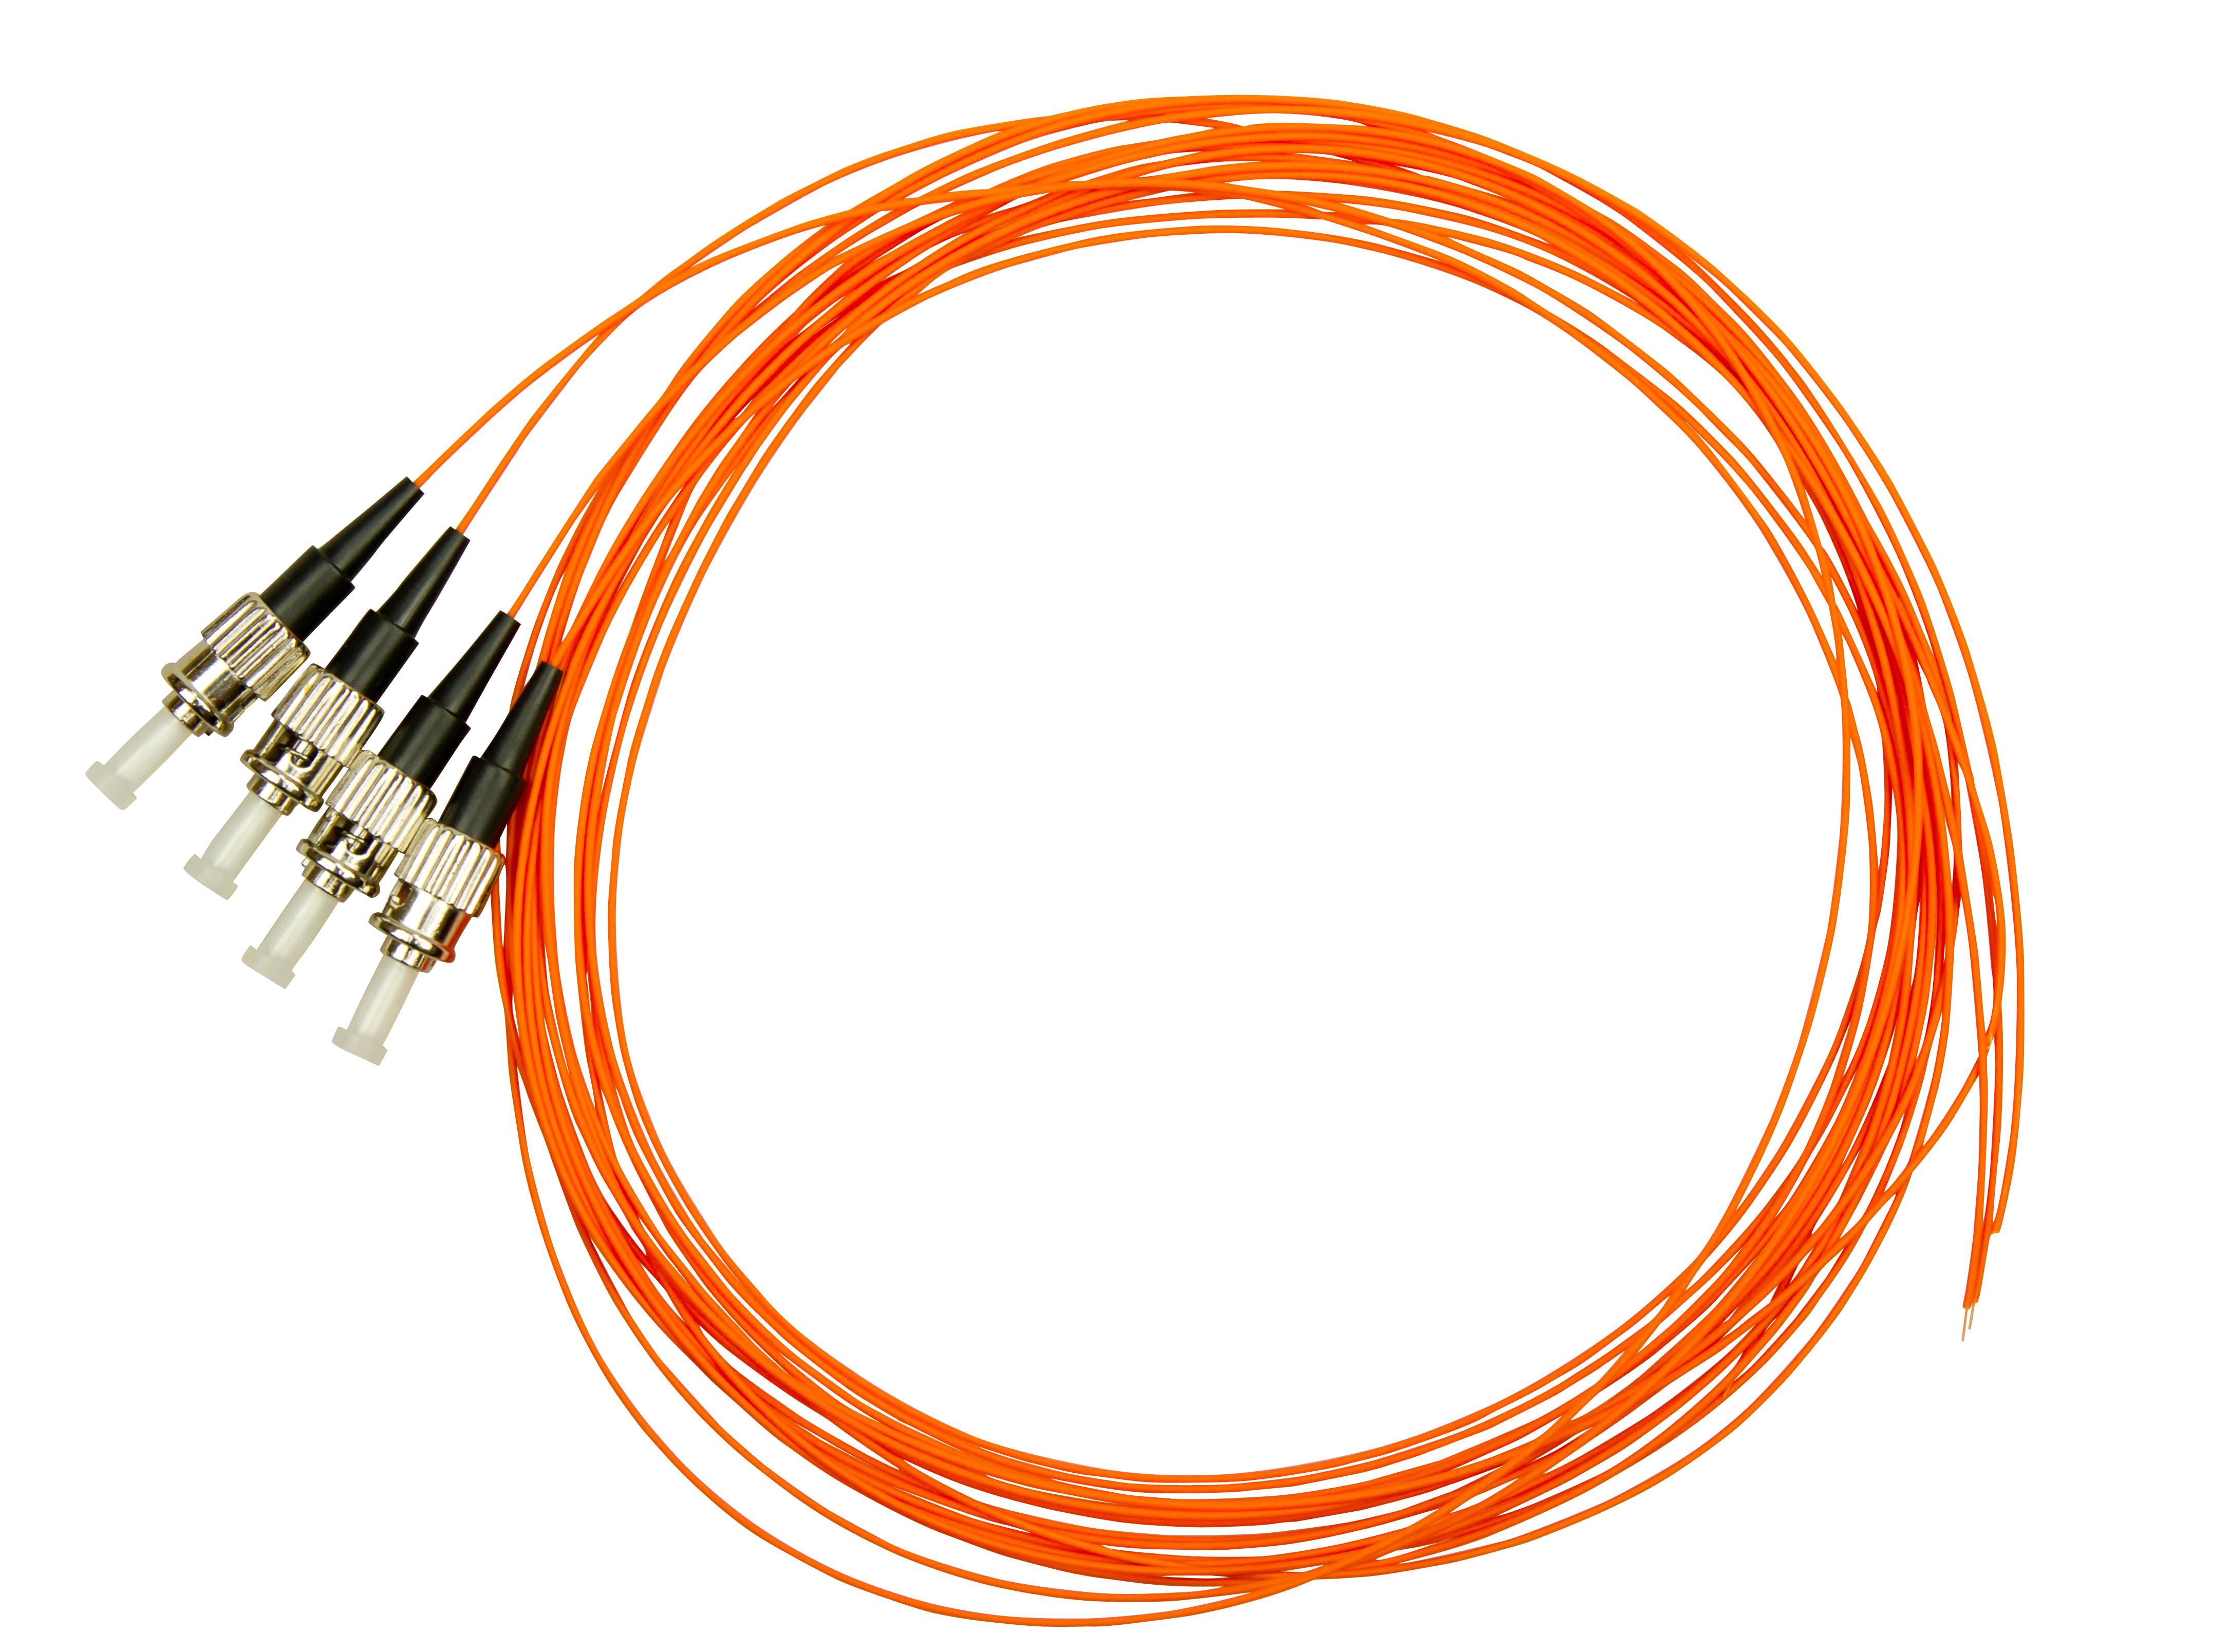 1 VE LWL Pigtail ST, 62,5/125µm OM1, 2.0m, Easy Strip,orange,4Stk HLP06T002E